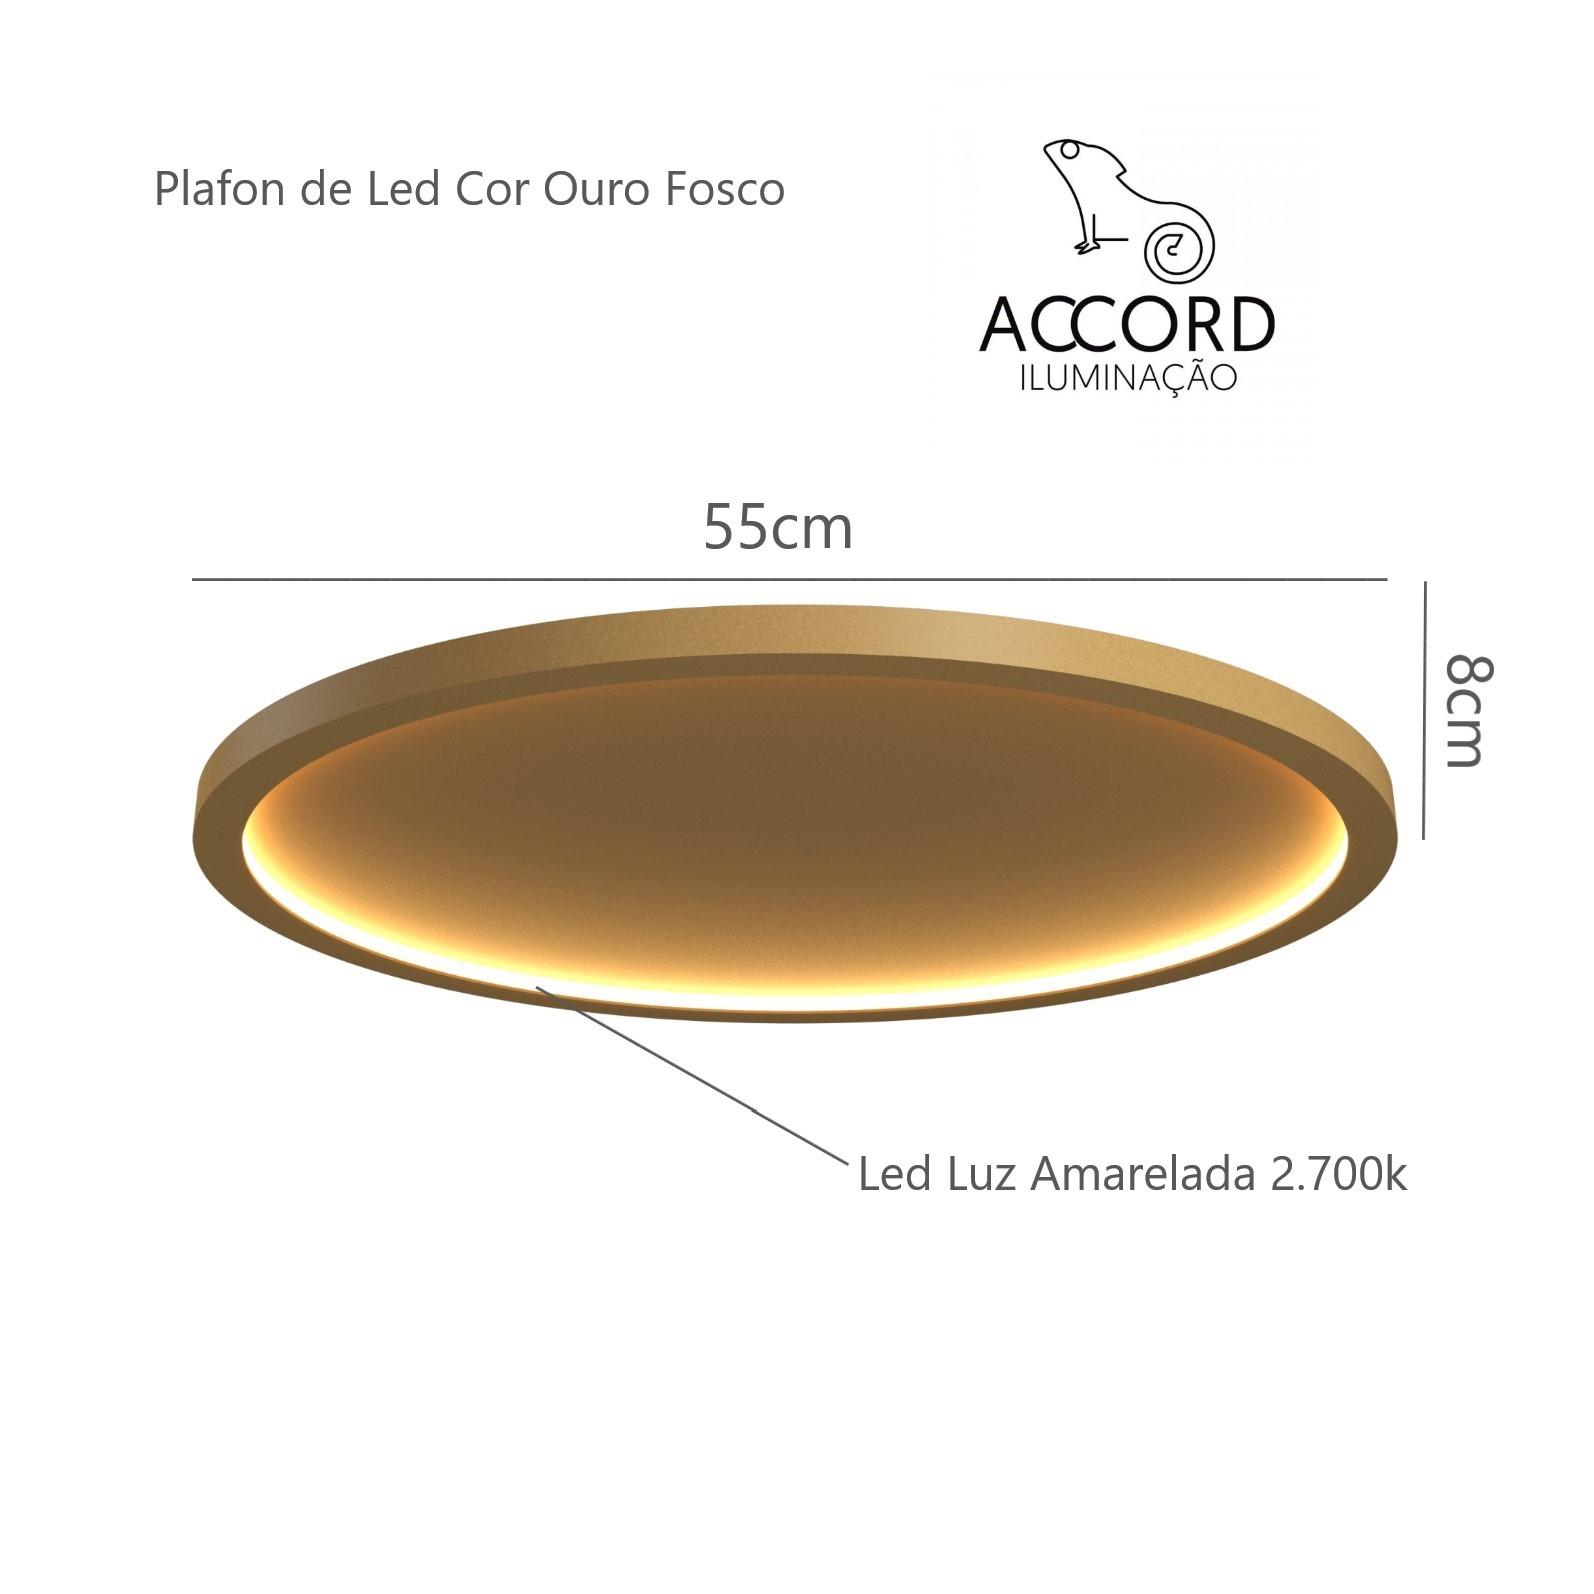 Plafon Led Dourado Naiá 55cm Sala de Estar Tv Quarto Hall Accord